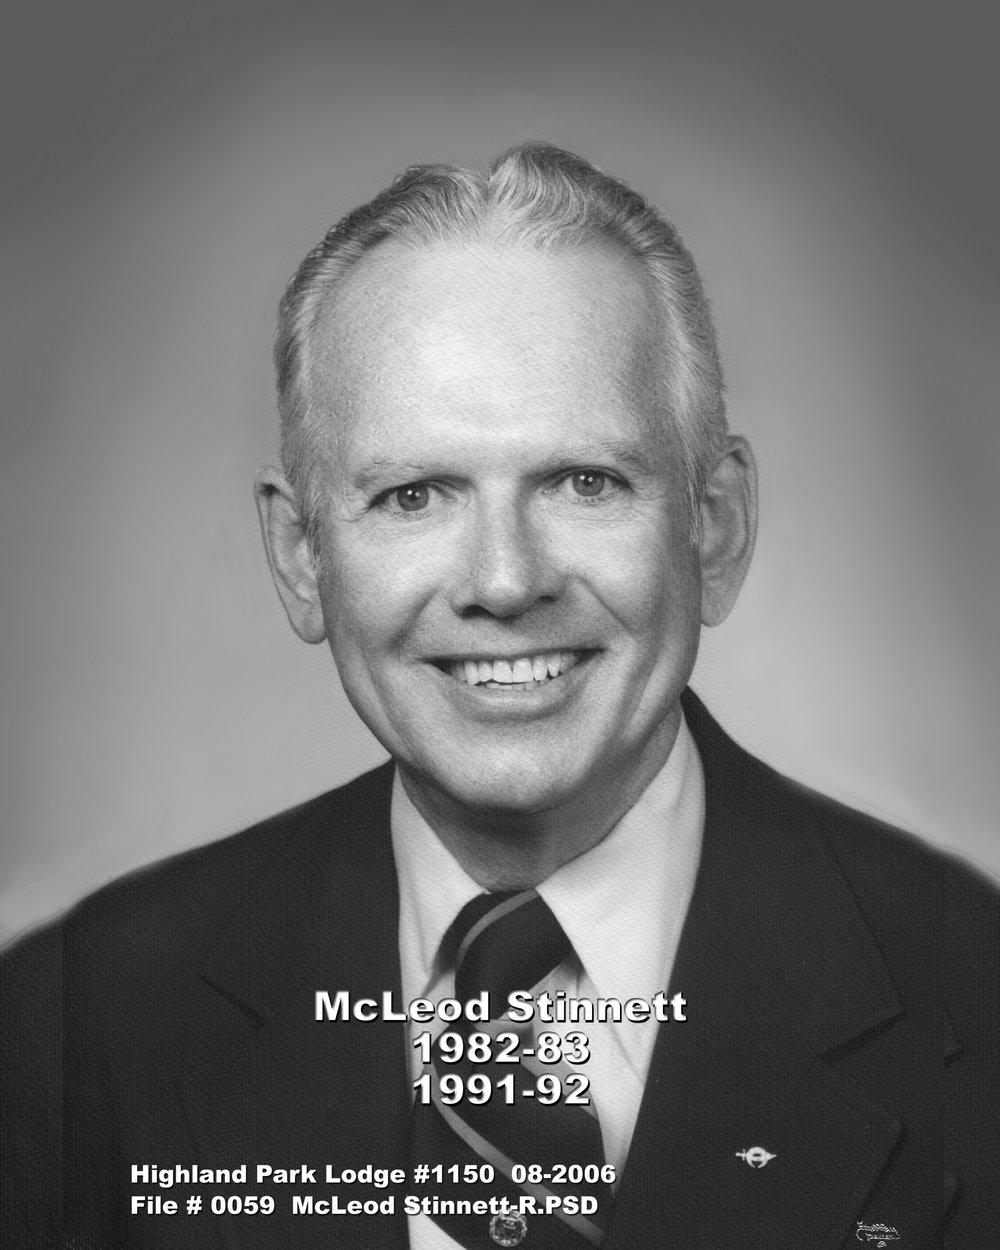 0059 McLeod Stinnett-R.jpg